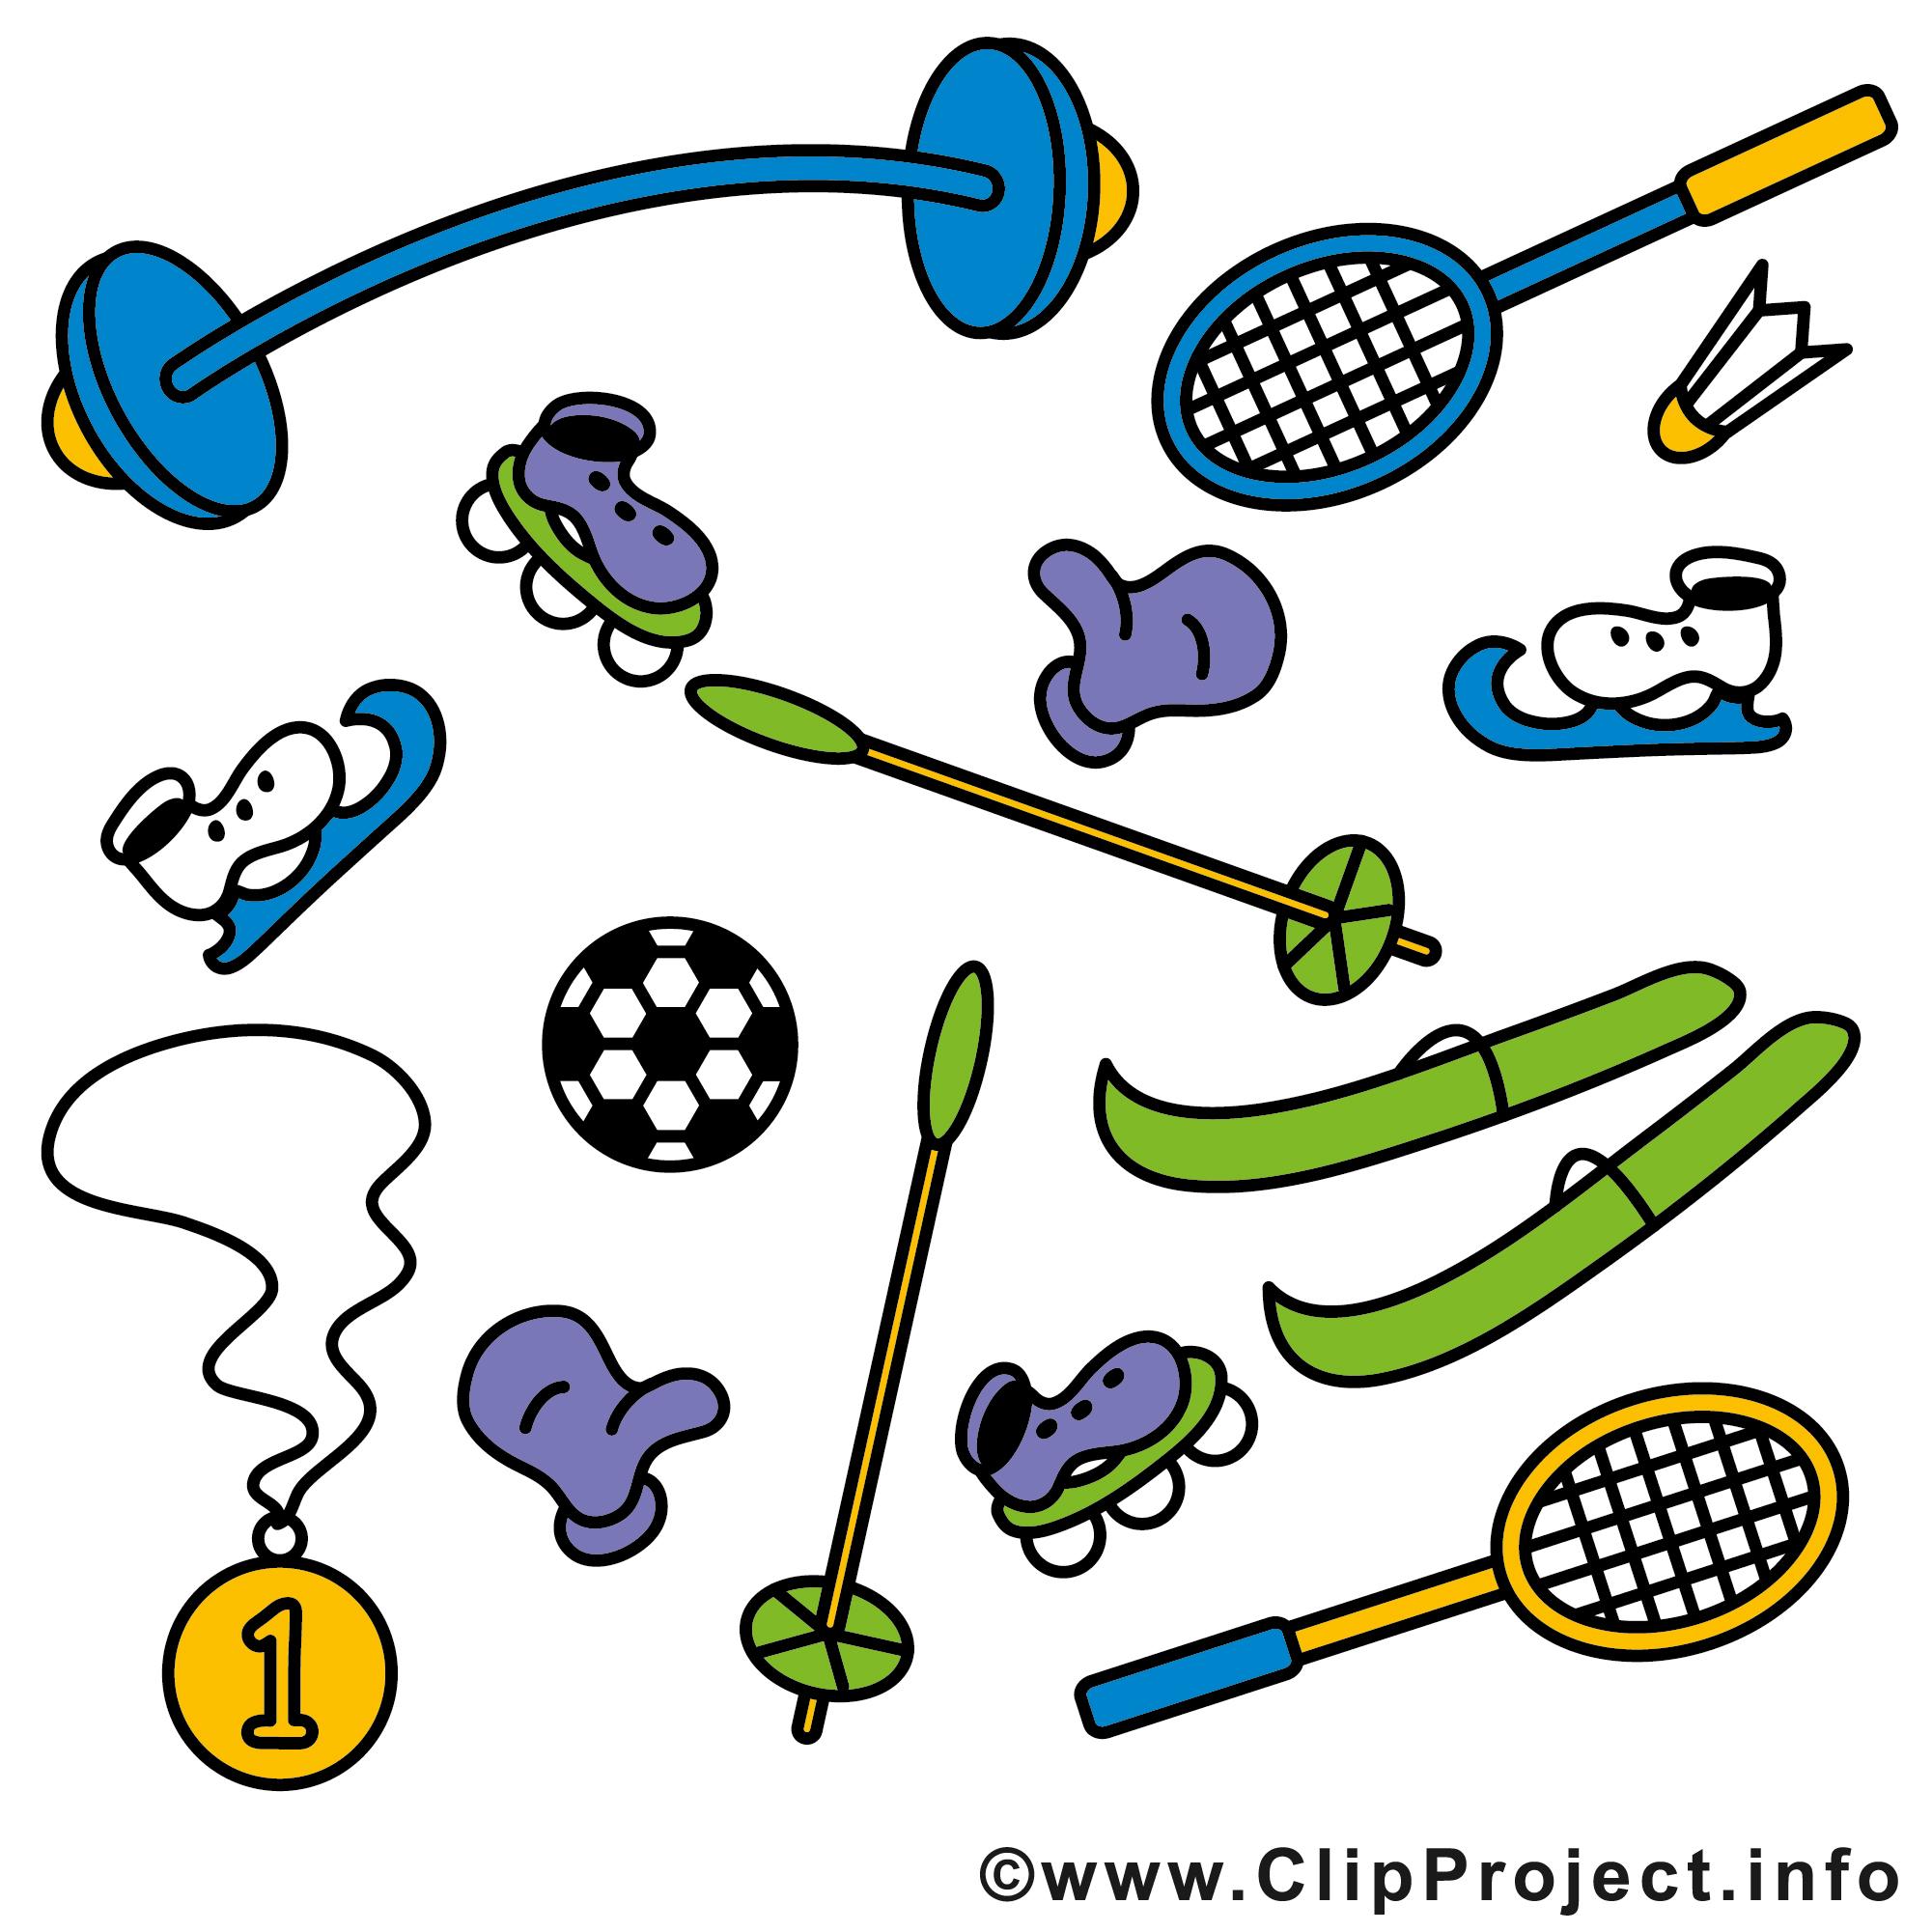 clipart gratuit sport course - photo #6